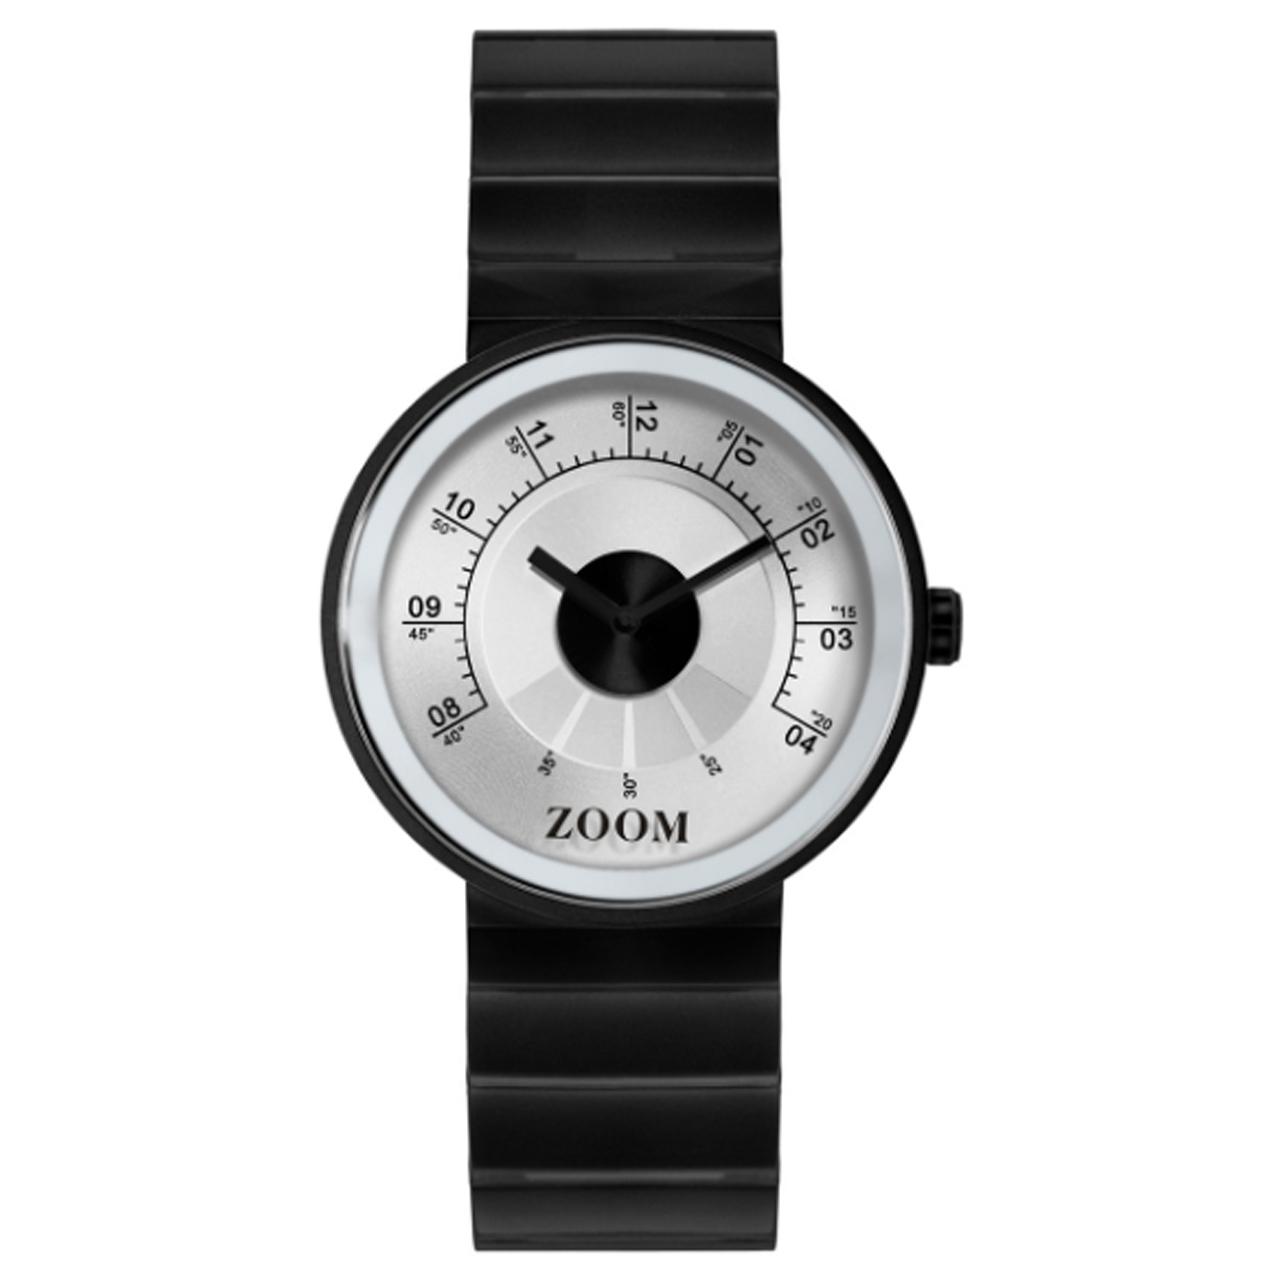 ساعت مچی عقربه ای مردانه ZOOM مدل ZM.3773M3.1522